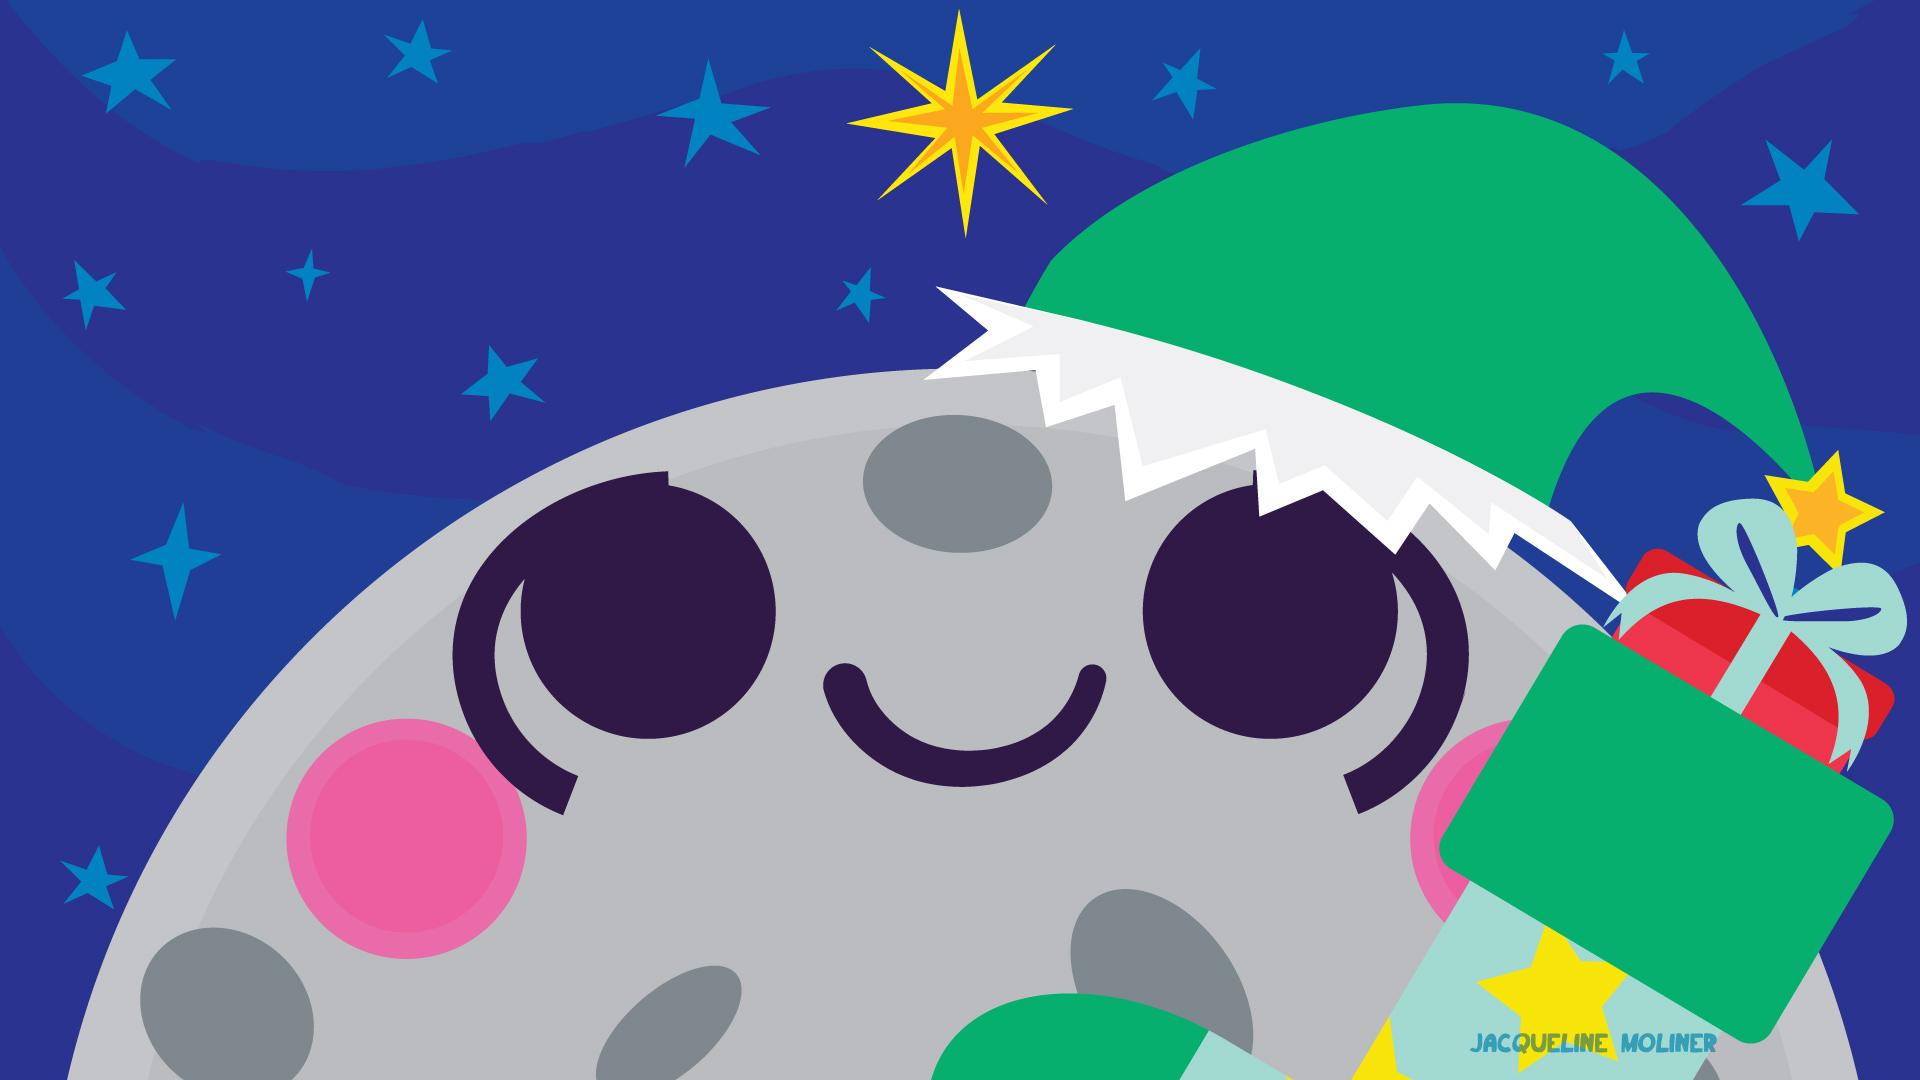 Moon Holiday Wallpaper